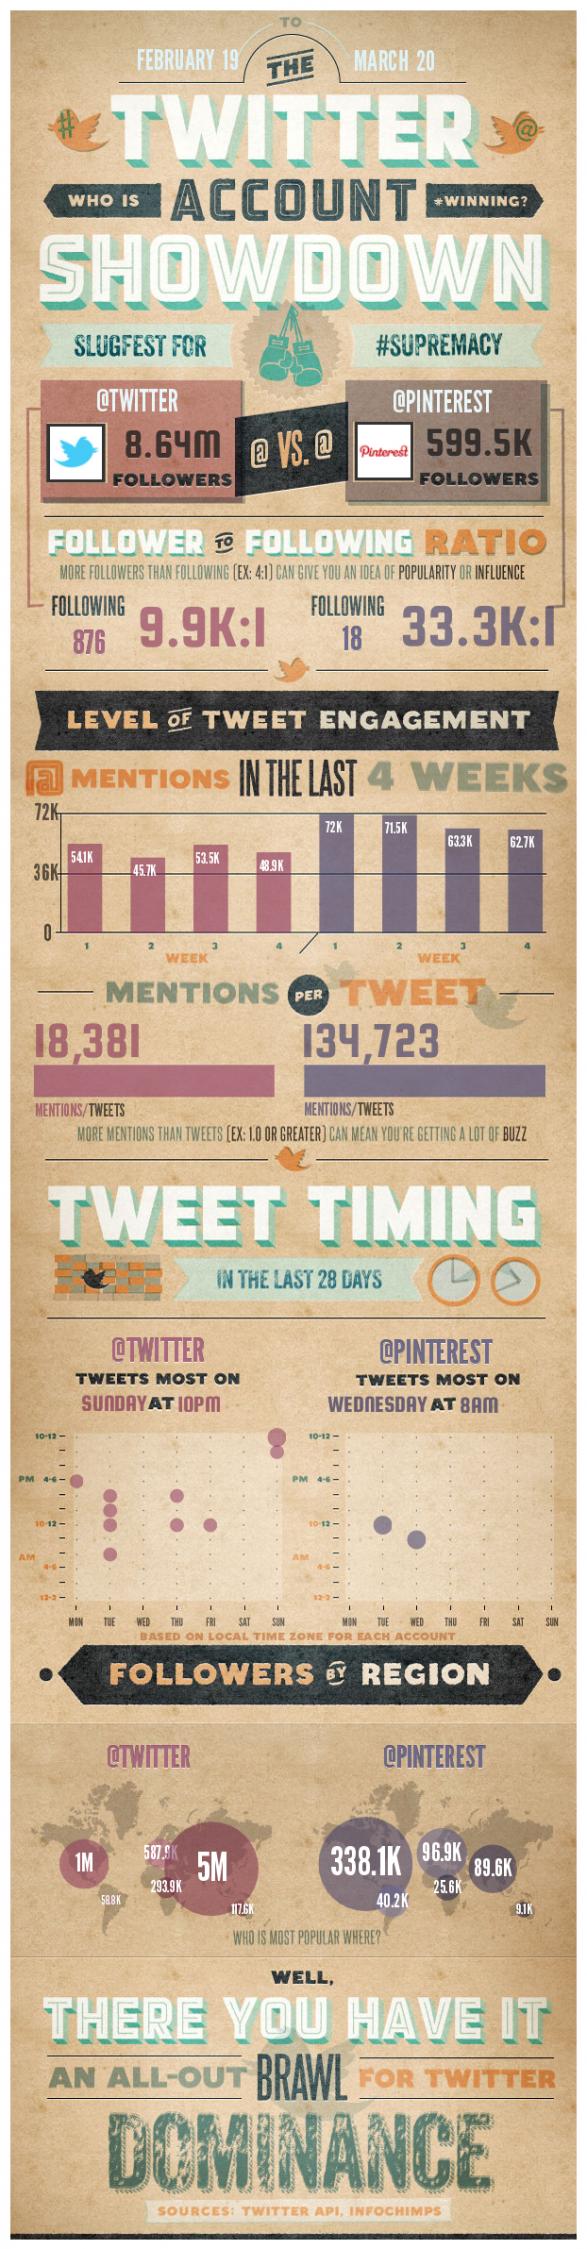 TwitterVsPinterest 4f684d3d491b6 w587 [infographic] Twitter vs Pinterest